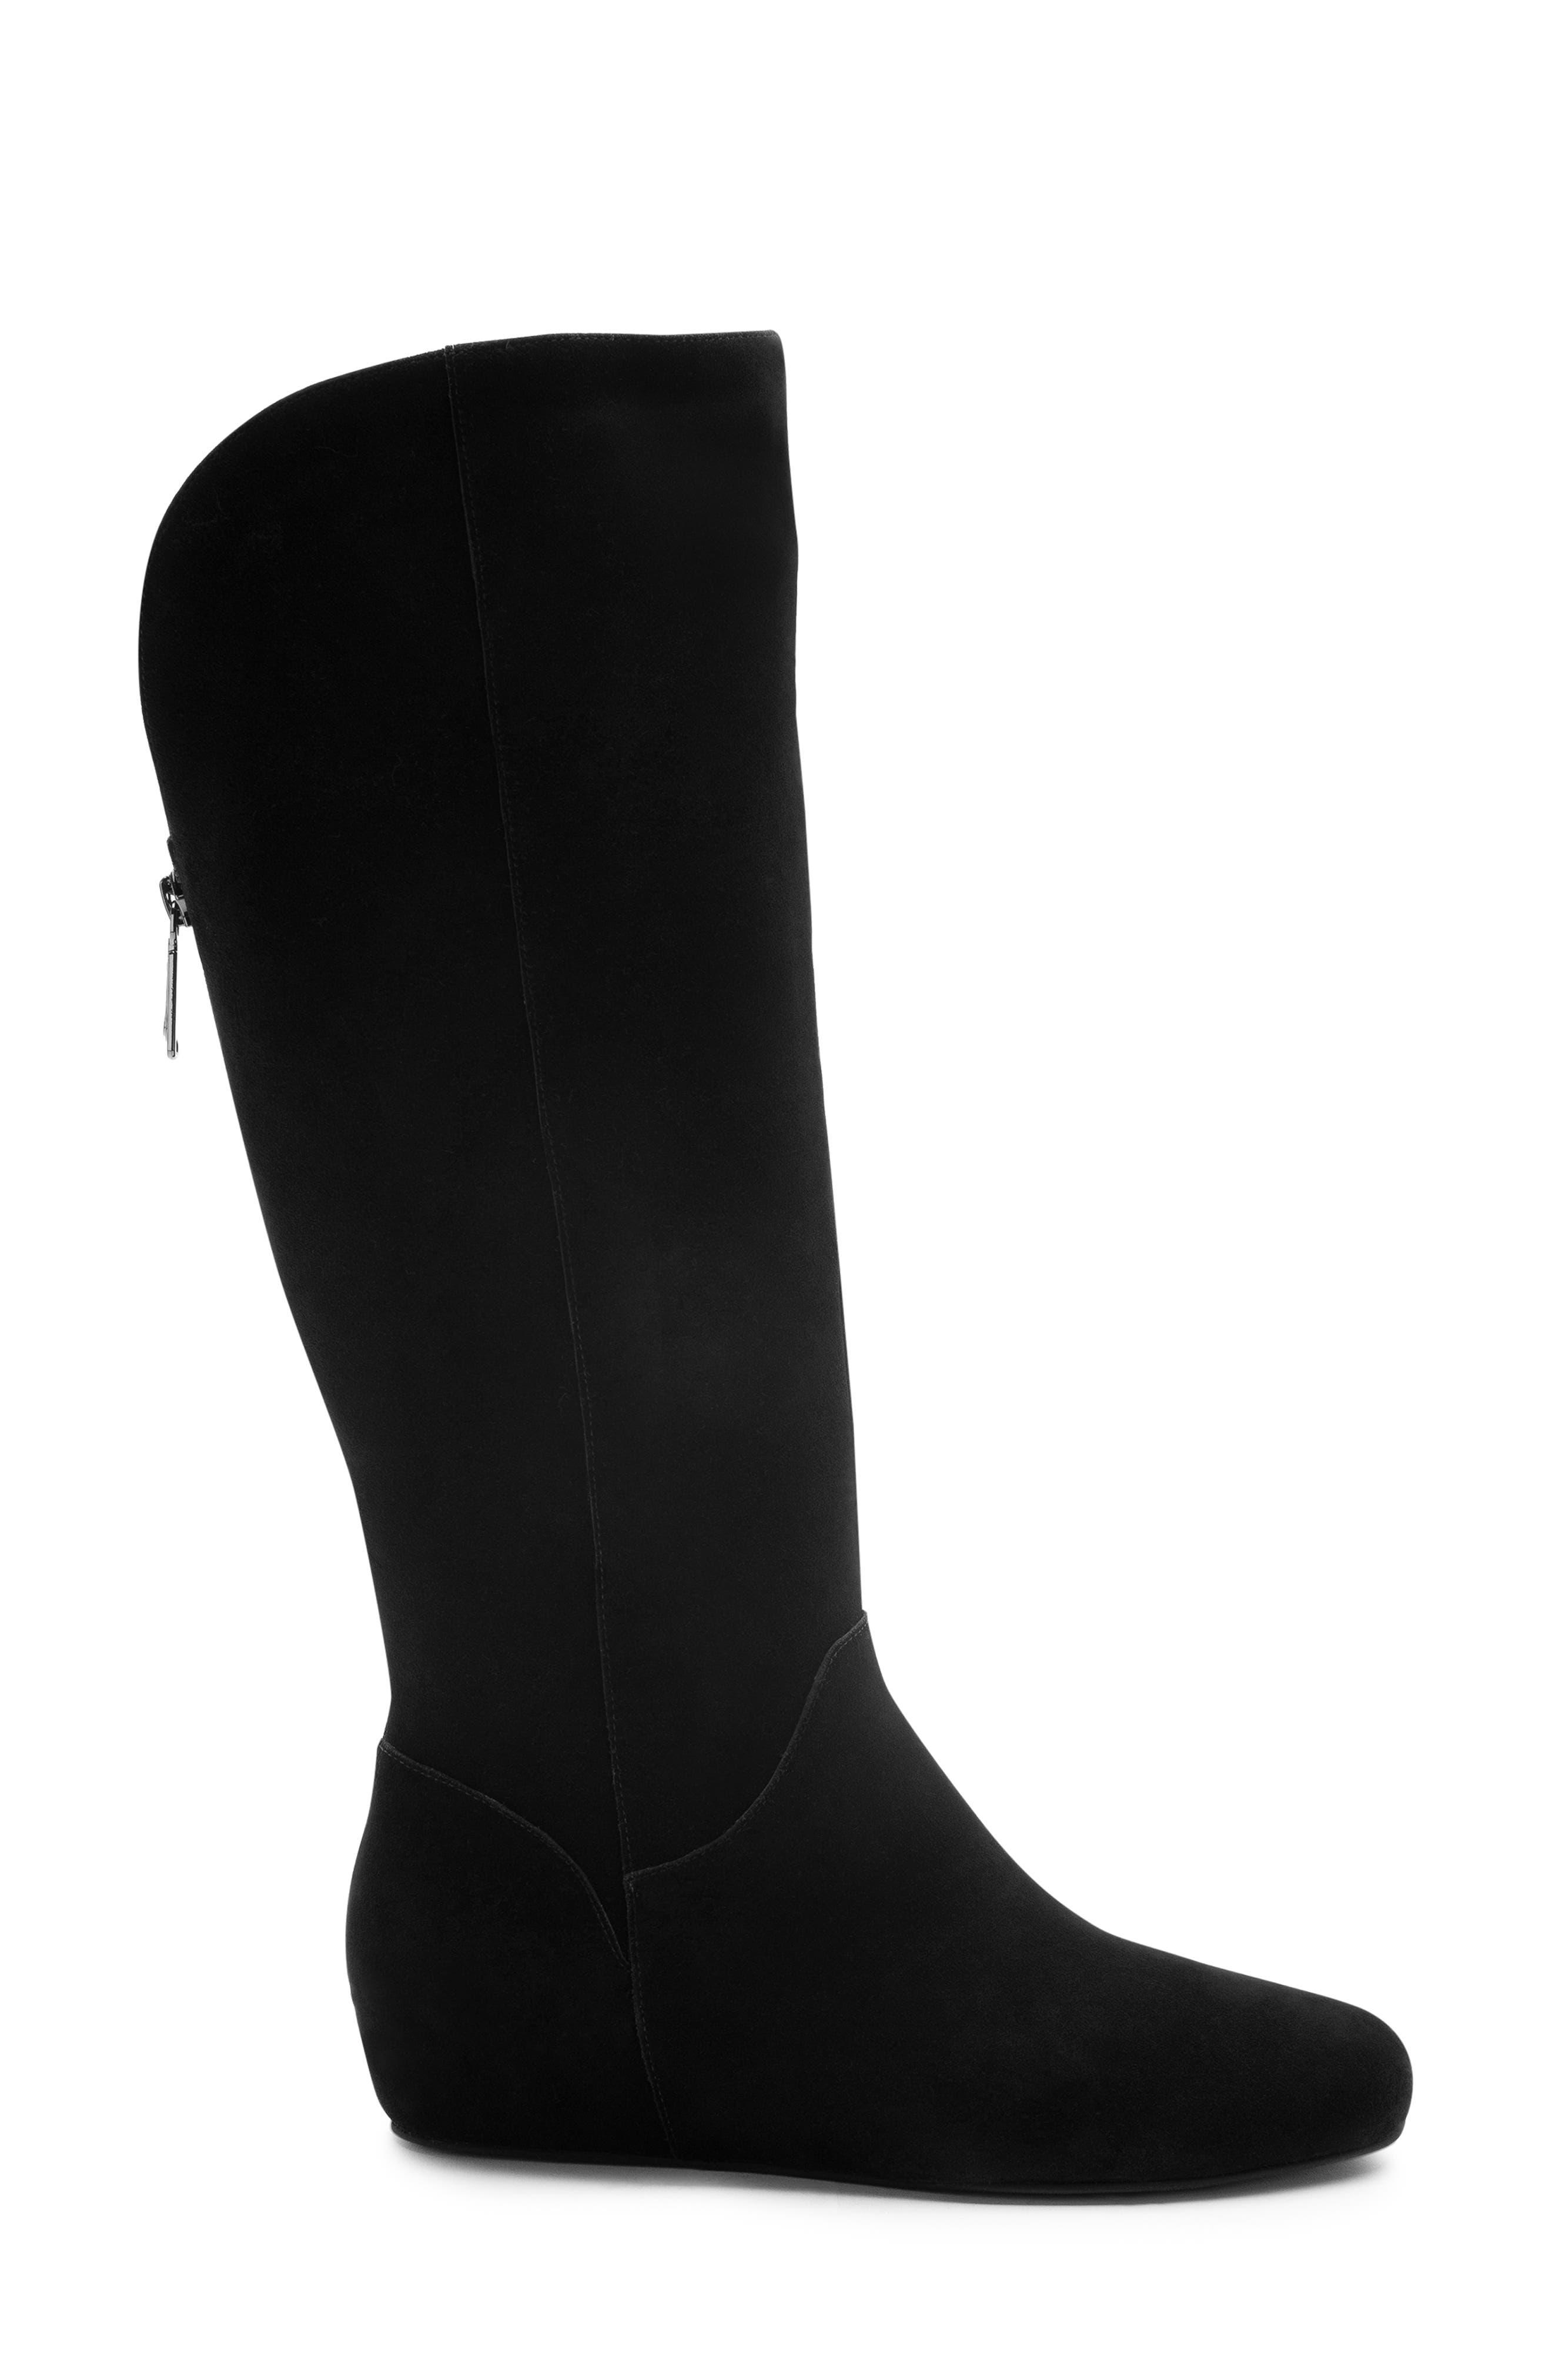 Mercy Waterproof Wedge Knee High Boot,                             Alternate thumbnail 3, color,                             BLACK SUEDE